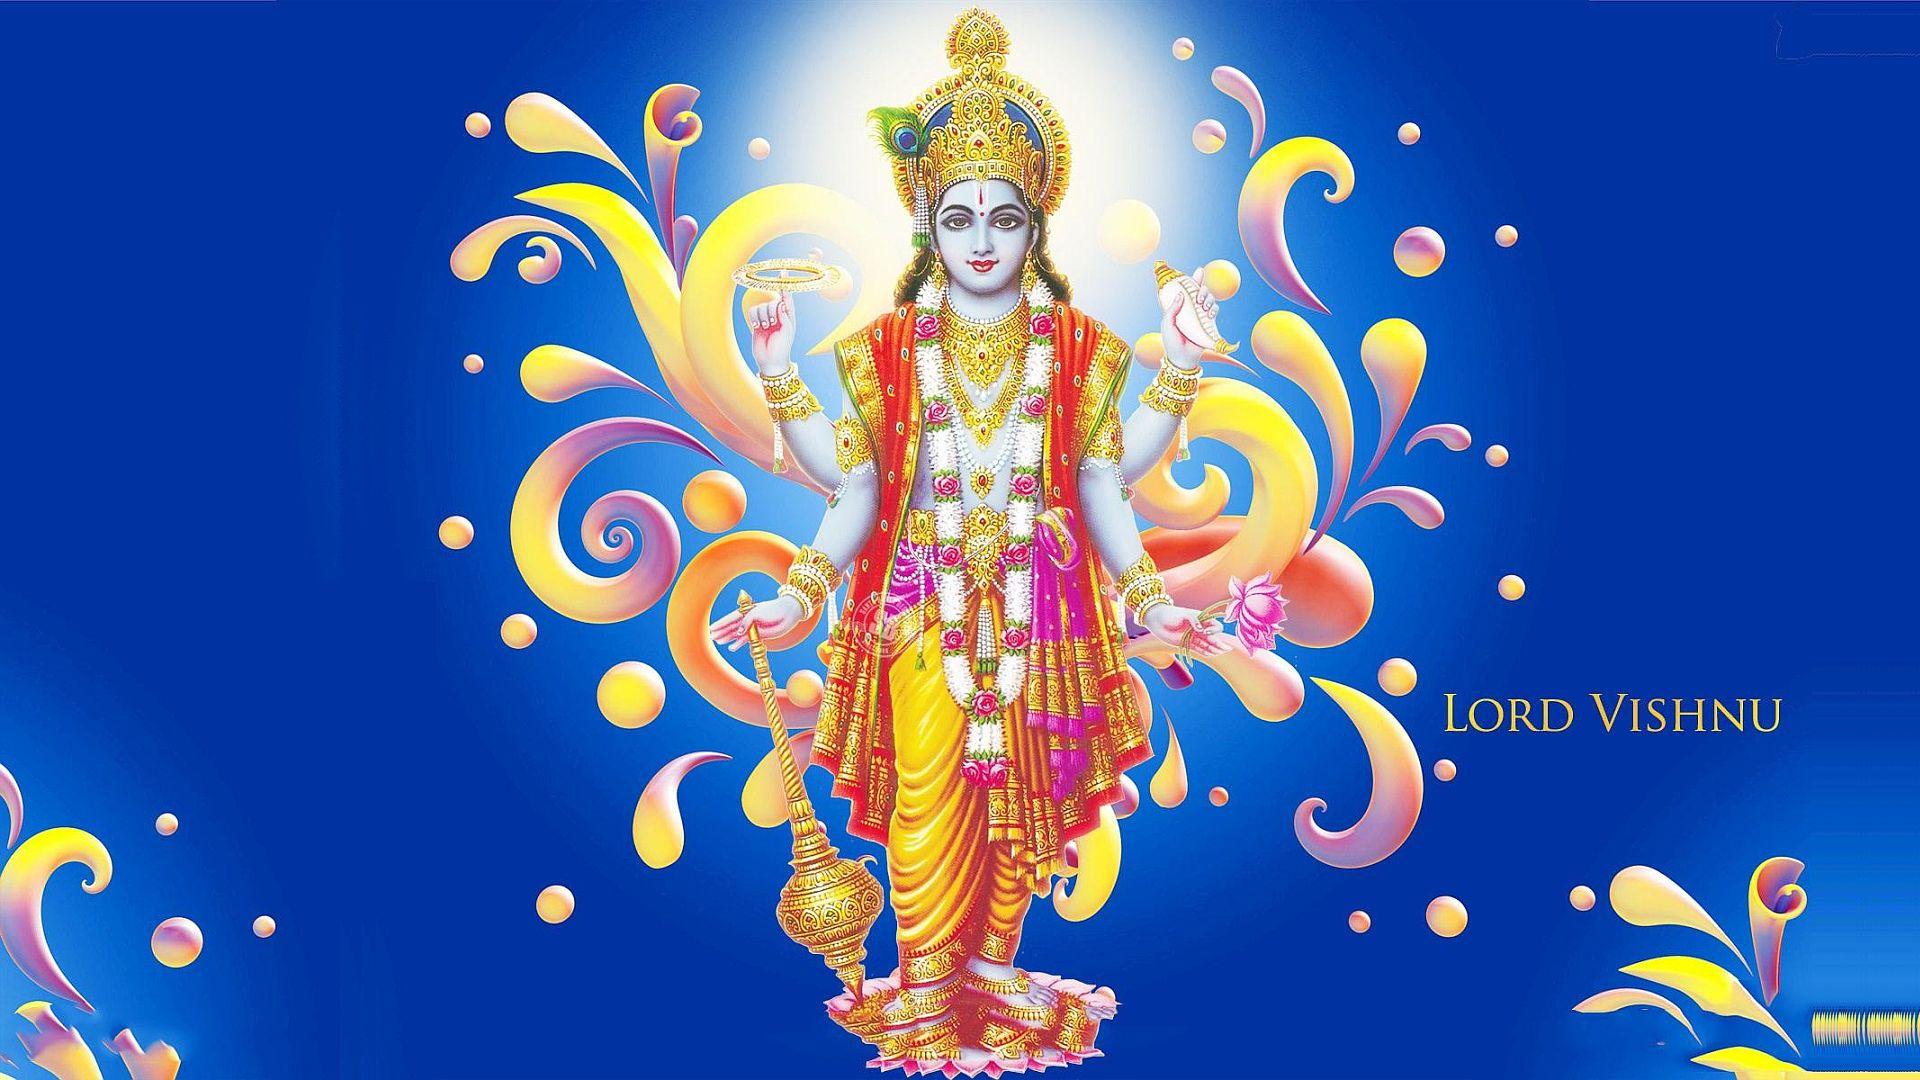 Lord Vishnu Images For Desktop Background